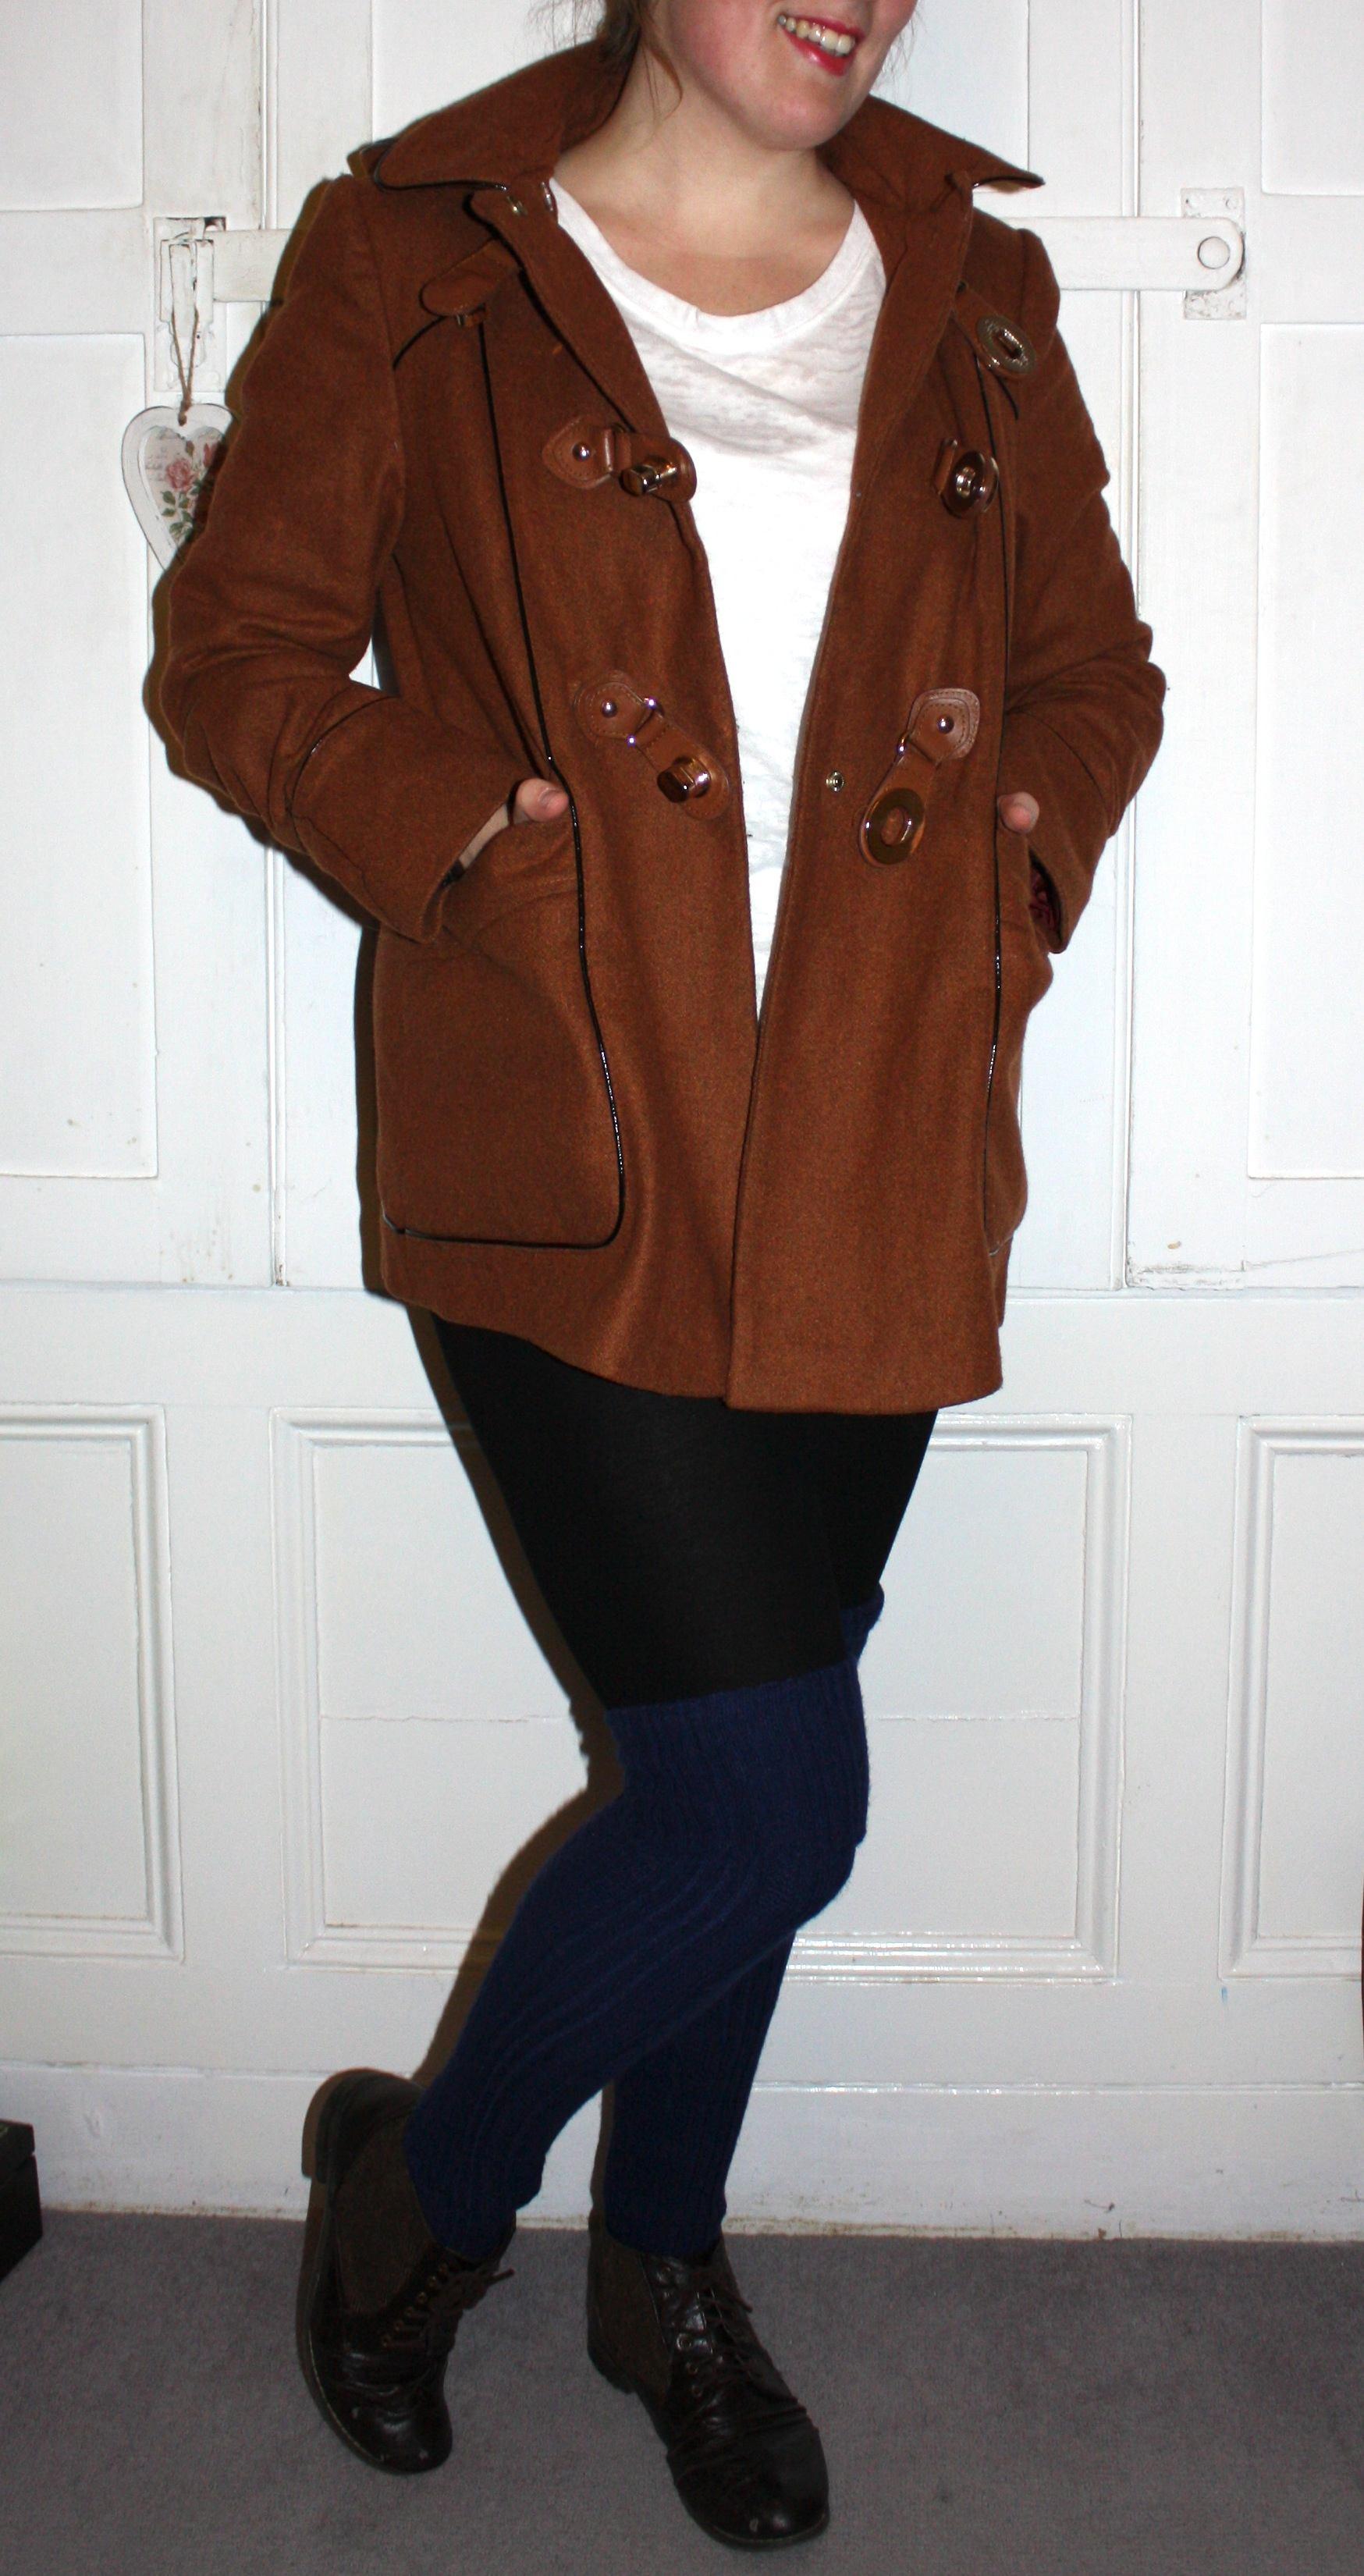 Topshop rust coloured coat